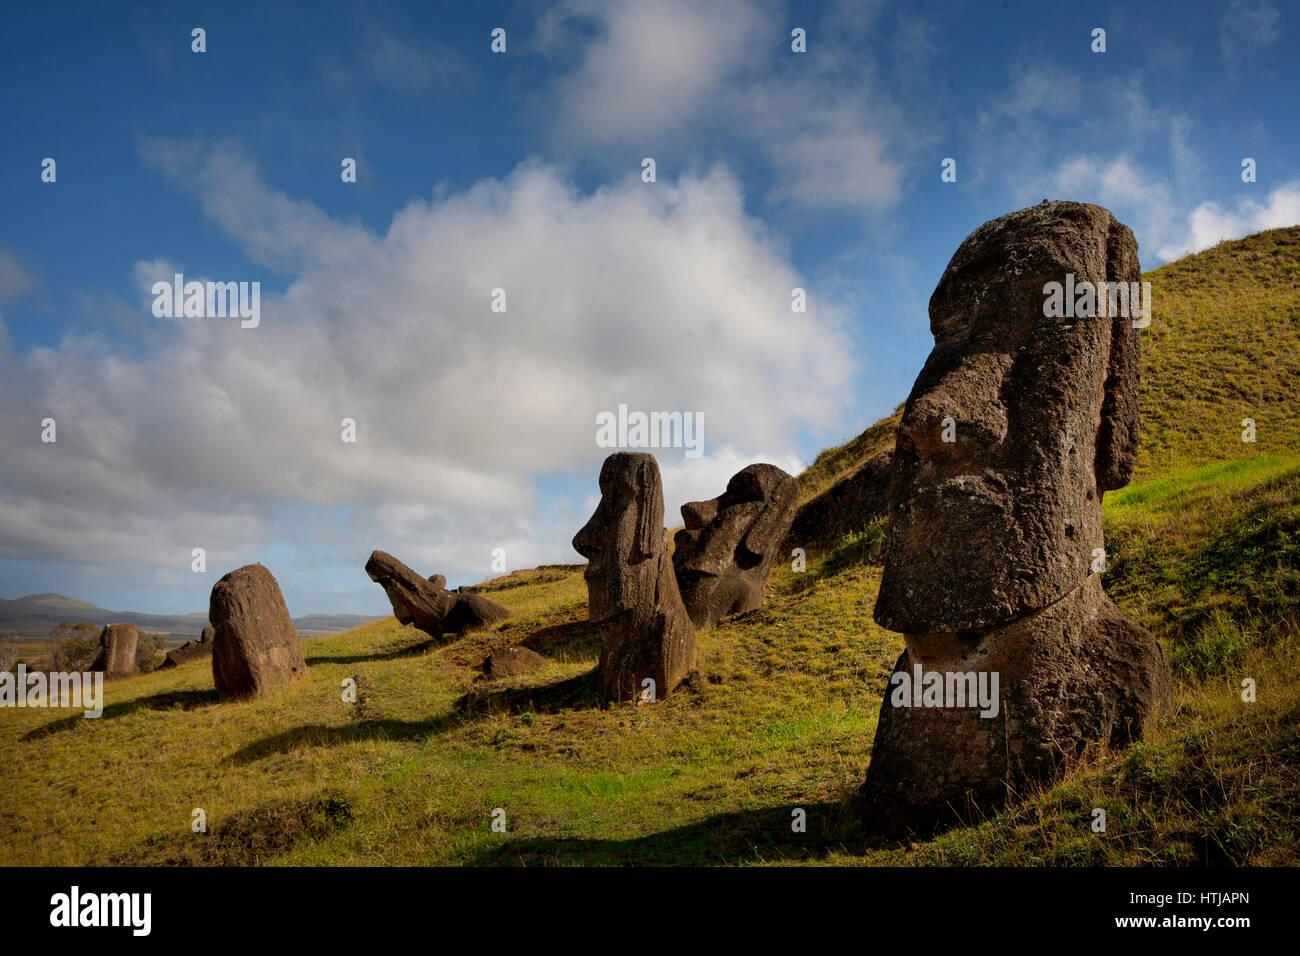 Gigante di pietra monolitica Moai statue a Rano Raraku, Rapa Nui (l'Isola di Pasqua), il Sito Patrimonio Mondiale Immagini Stock